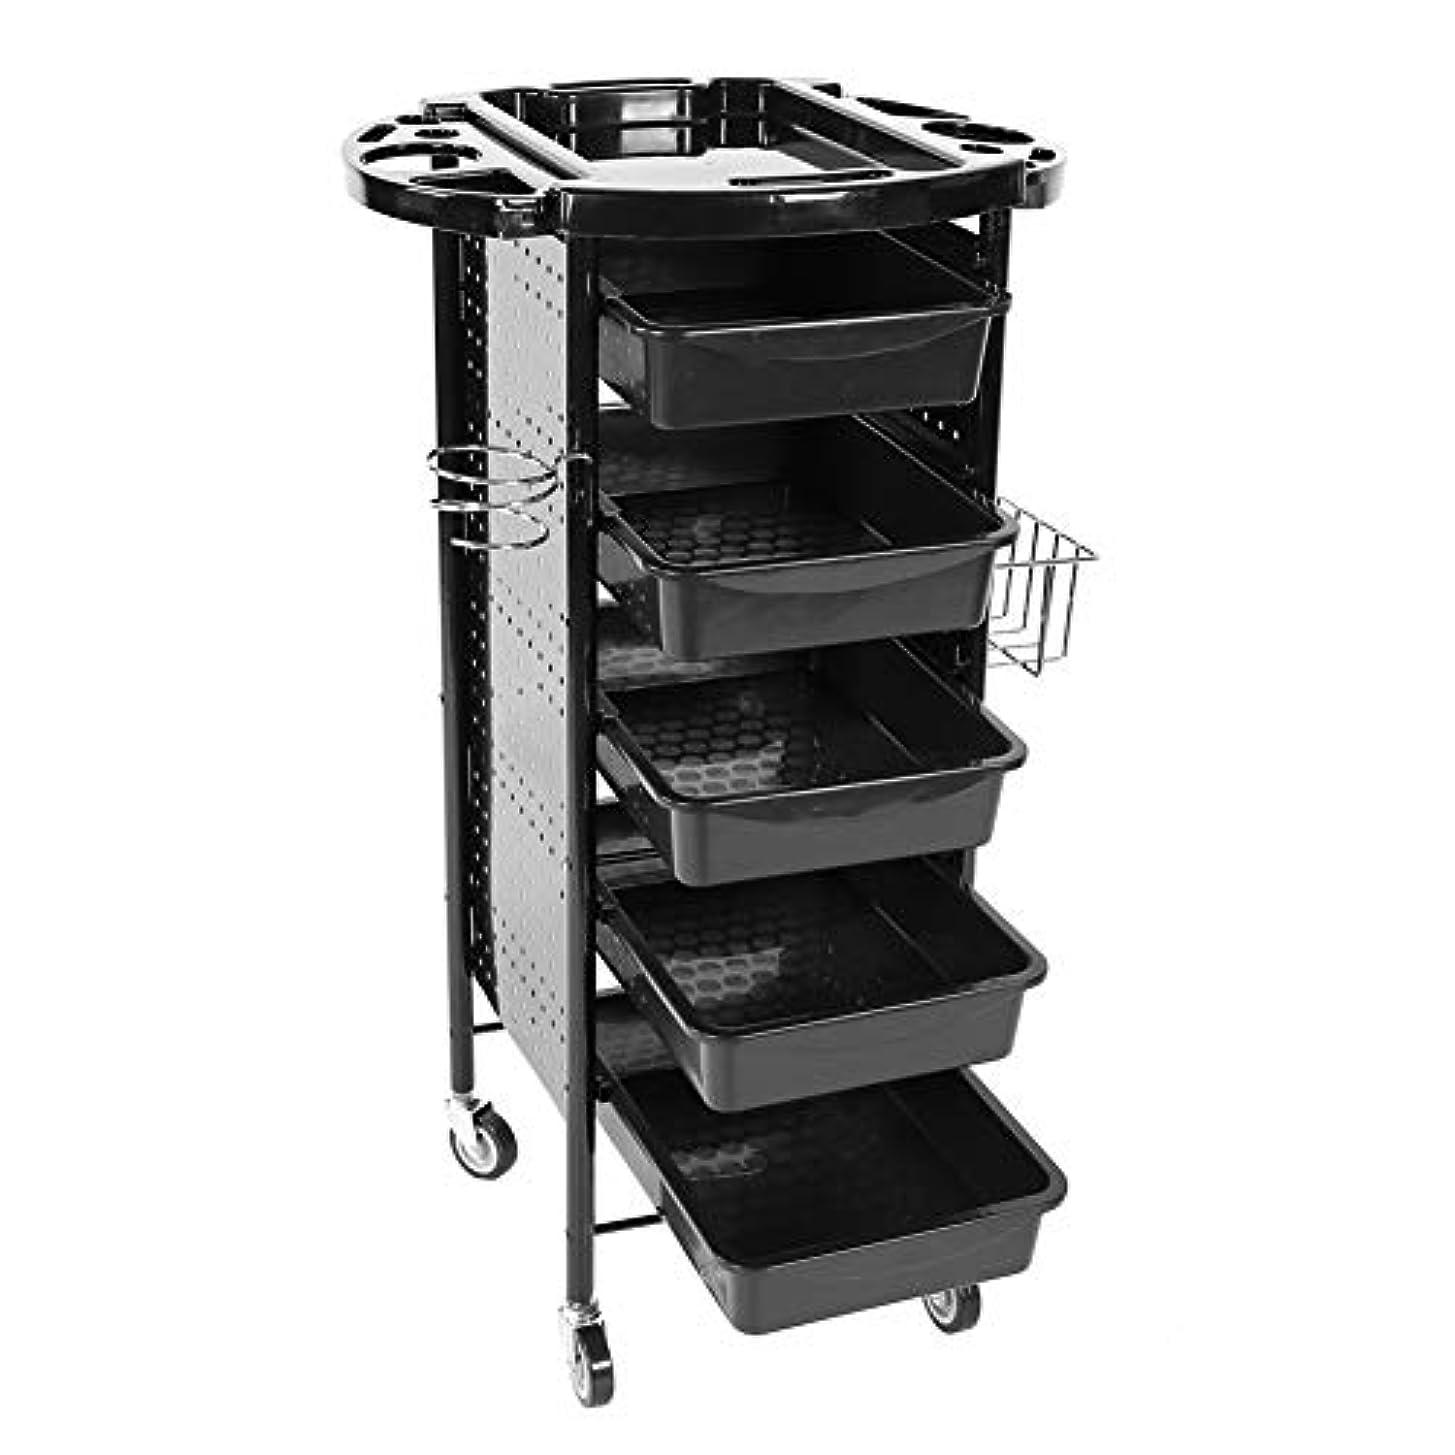 格納フォーム火山学者美容院、美容院、美容院のための車輪が付いている専門の6つの層の貯蔵の棚のトロリーカート